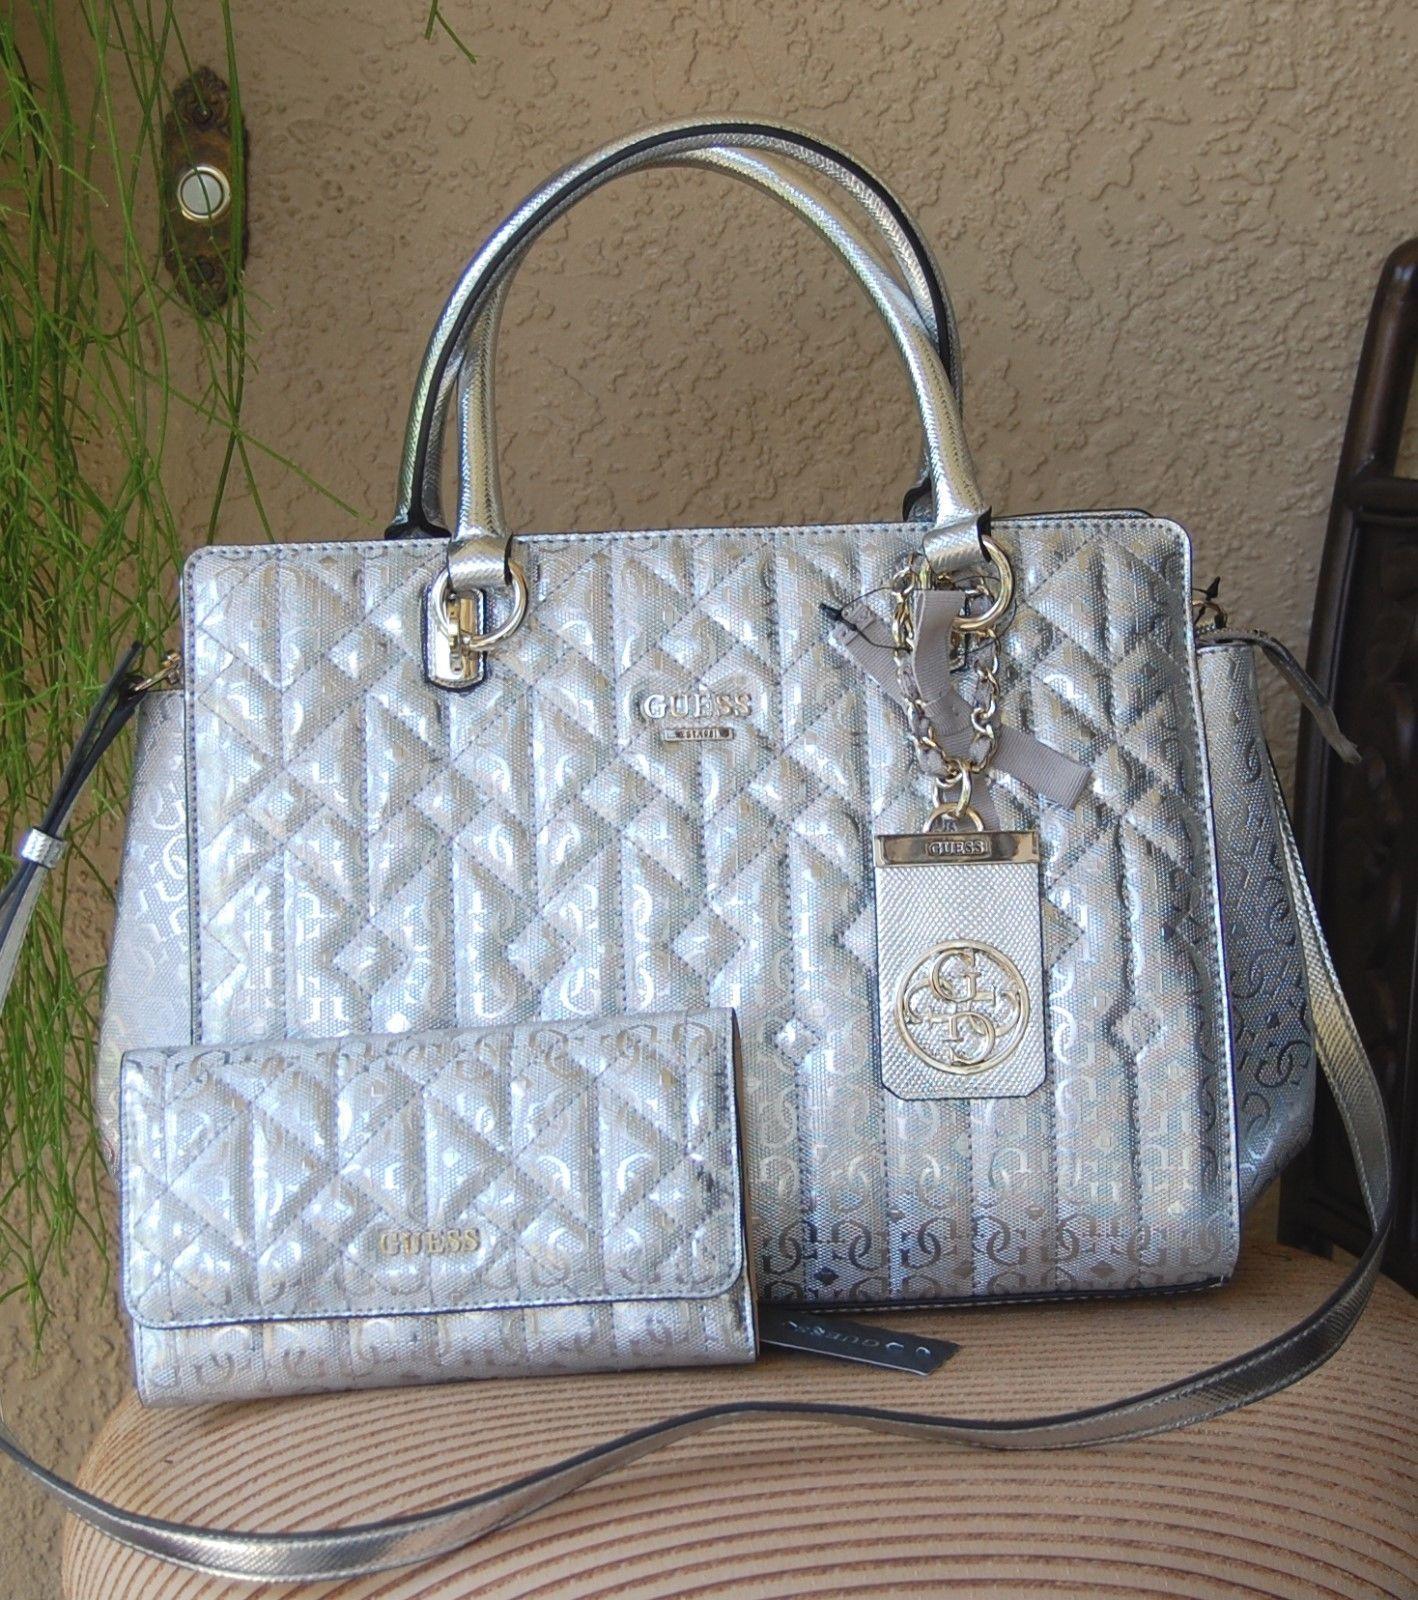 3cc57de75ecd Nwt Beautiful Guess Malena Satchel Handbag Wallet Set Color Silver